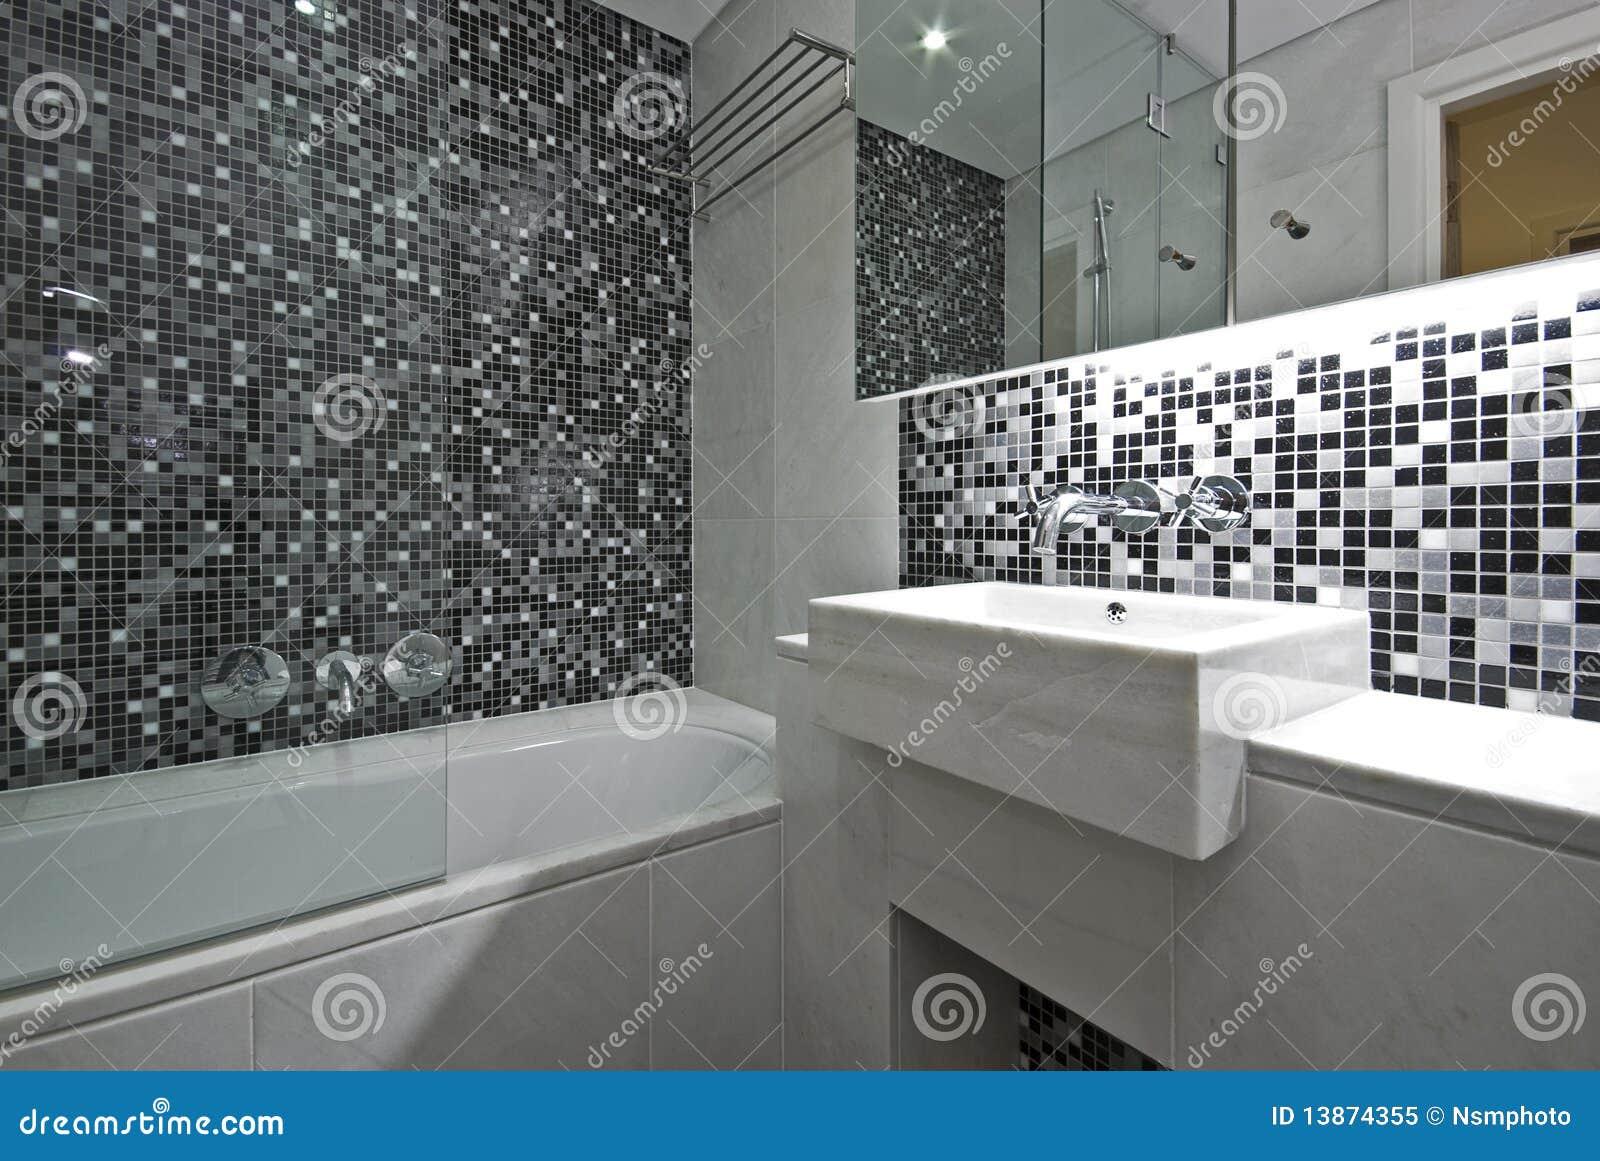 Imagens de #758447 Banheiro Contemporâneo Da En série Em Preto E Branco Foto de Stock  1300x960 px 3726 Banheiros Planejados Preto E Branco